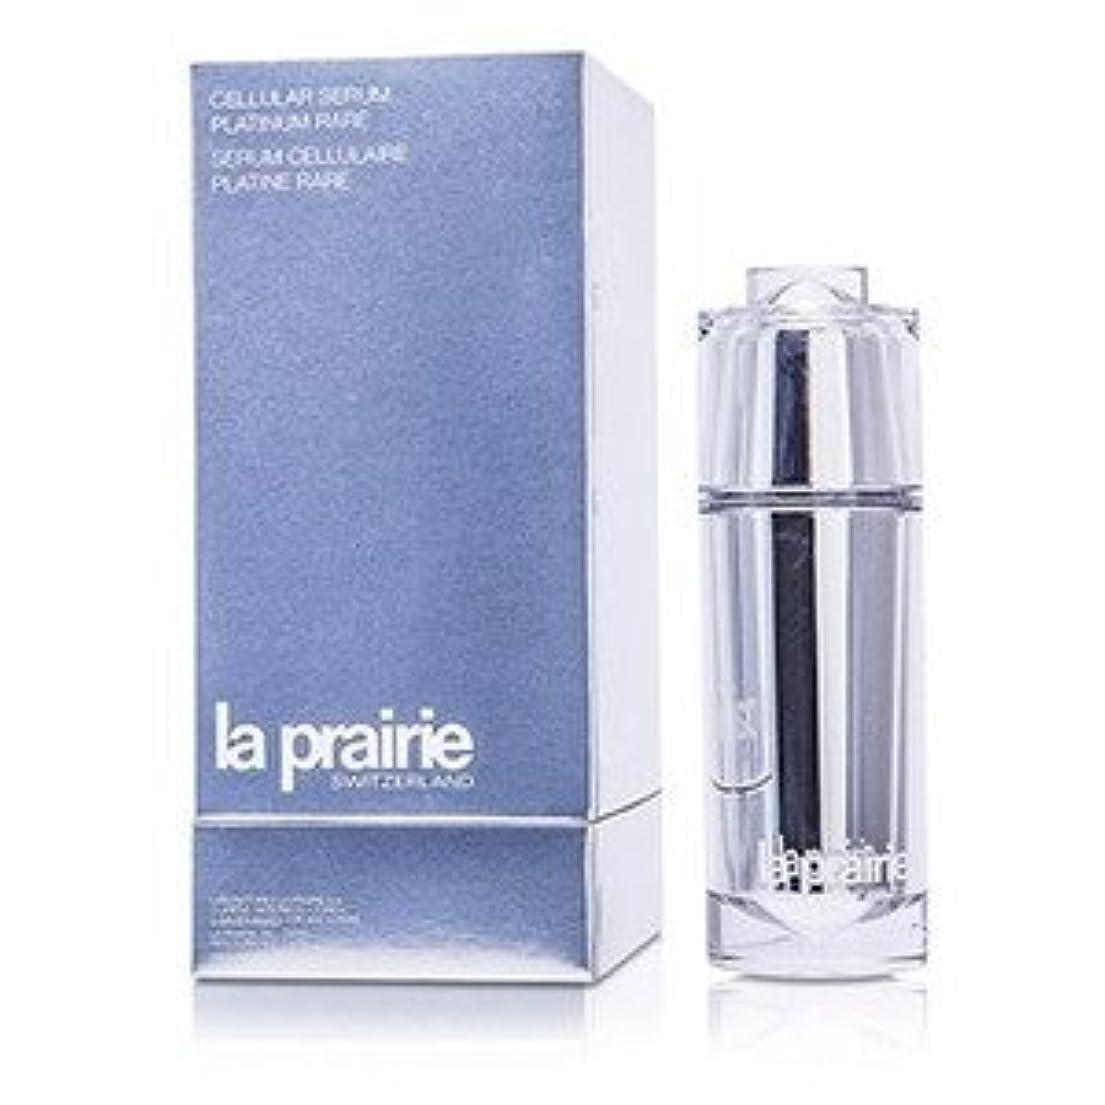 重量繁雑型La Prairie(ラ?プレリー) セルラーセラムプラチナムレア 30ml/1oz [並行輸入品]